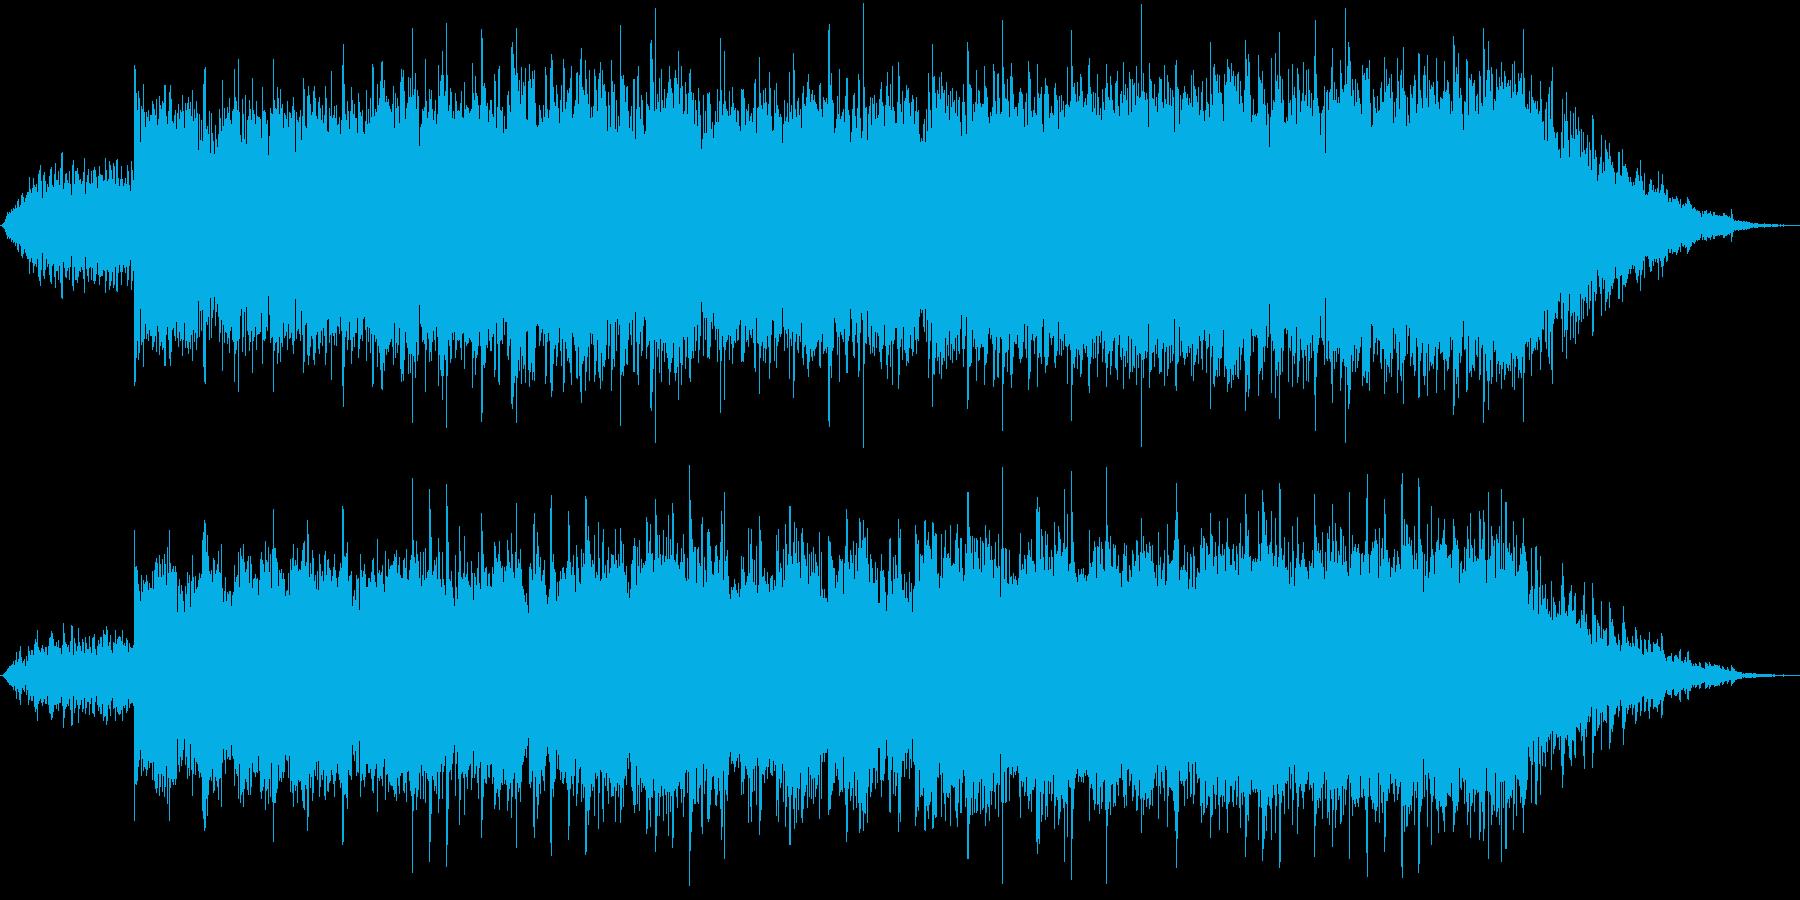 エンジェルダストをイメージした優しい旋律の再生済みの波形